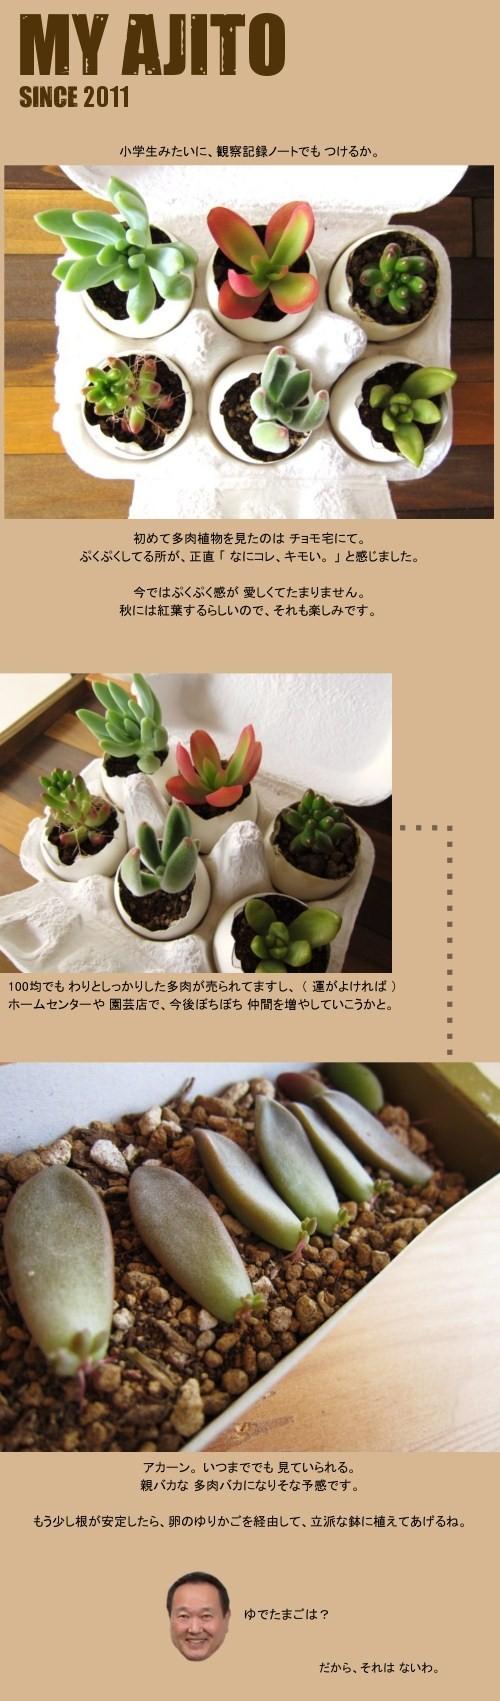 taniku_5.jpg